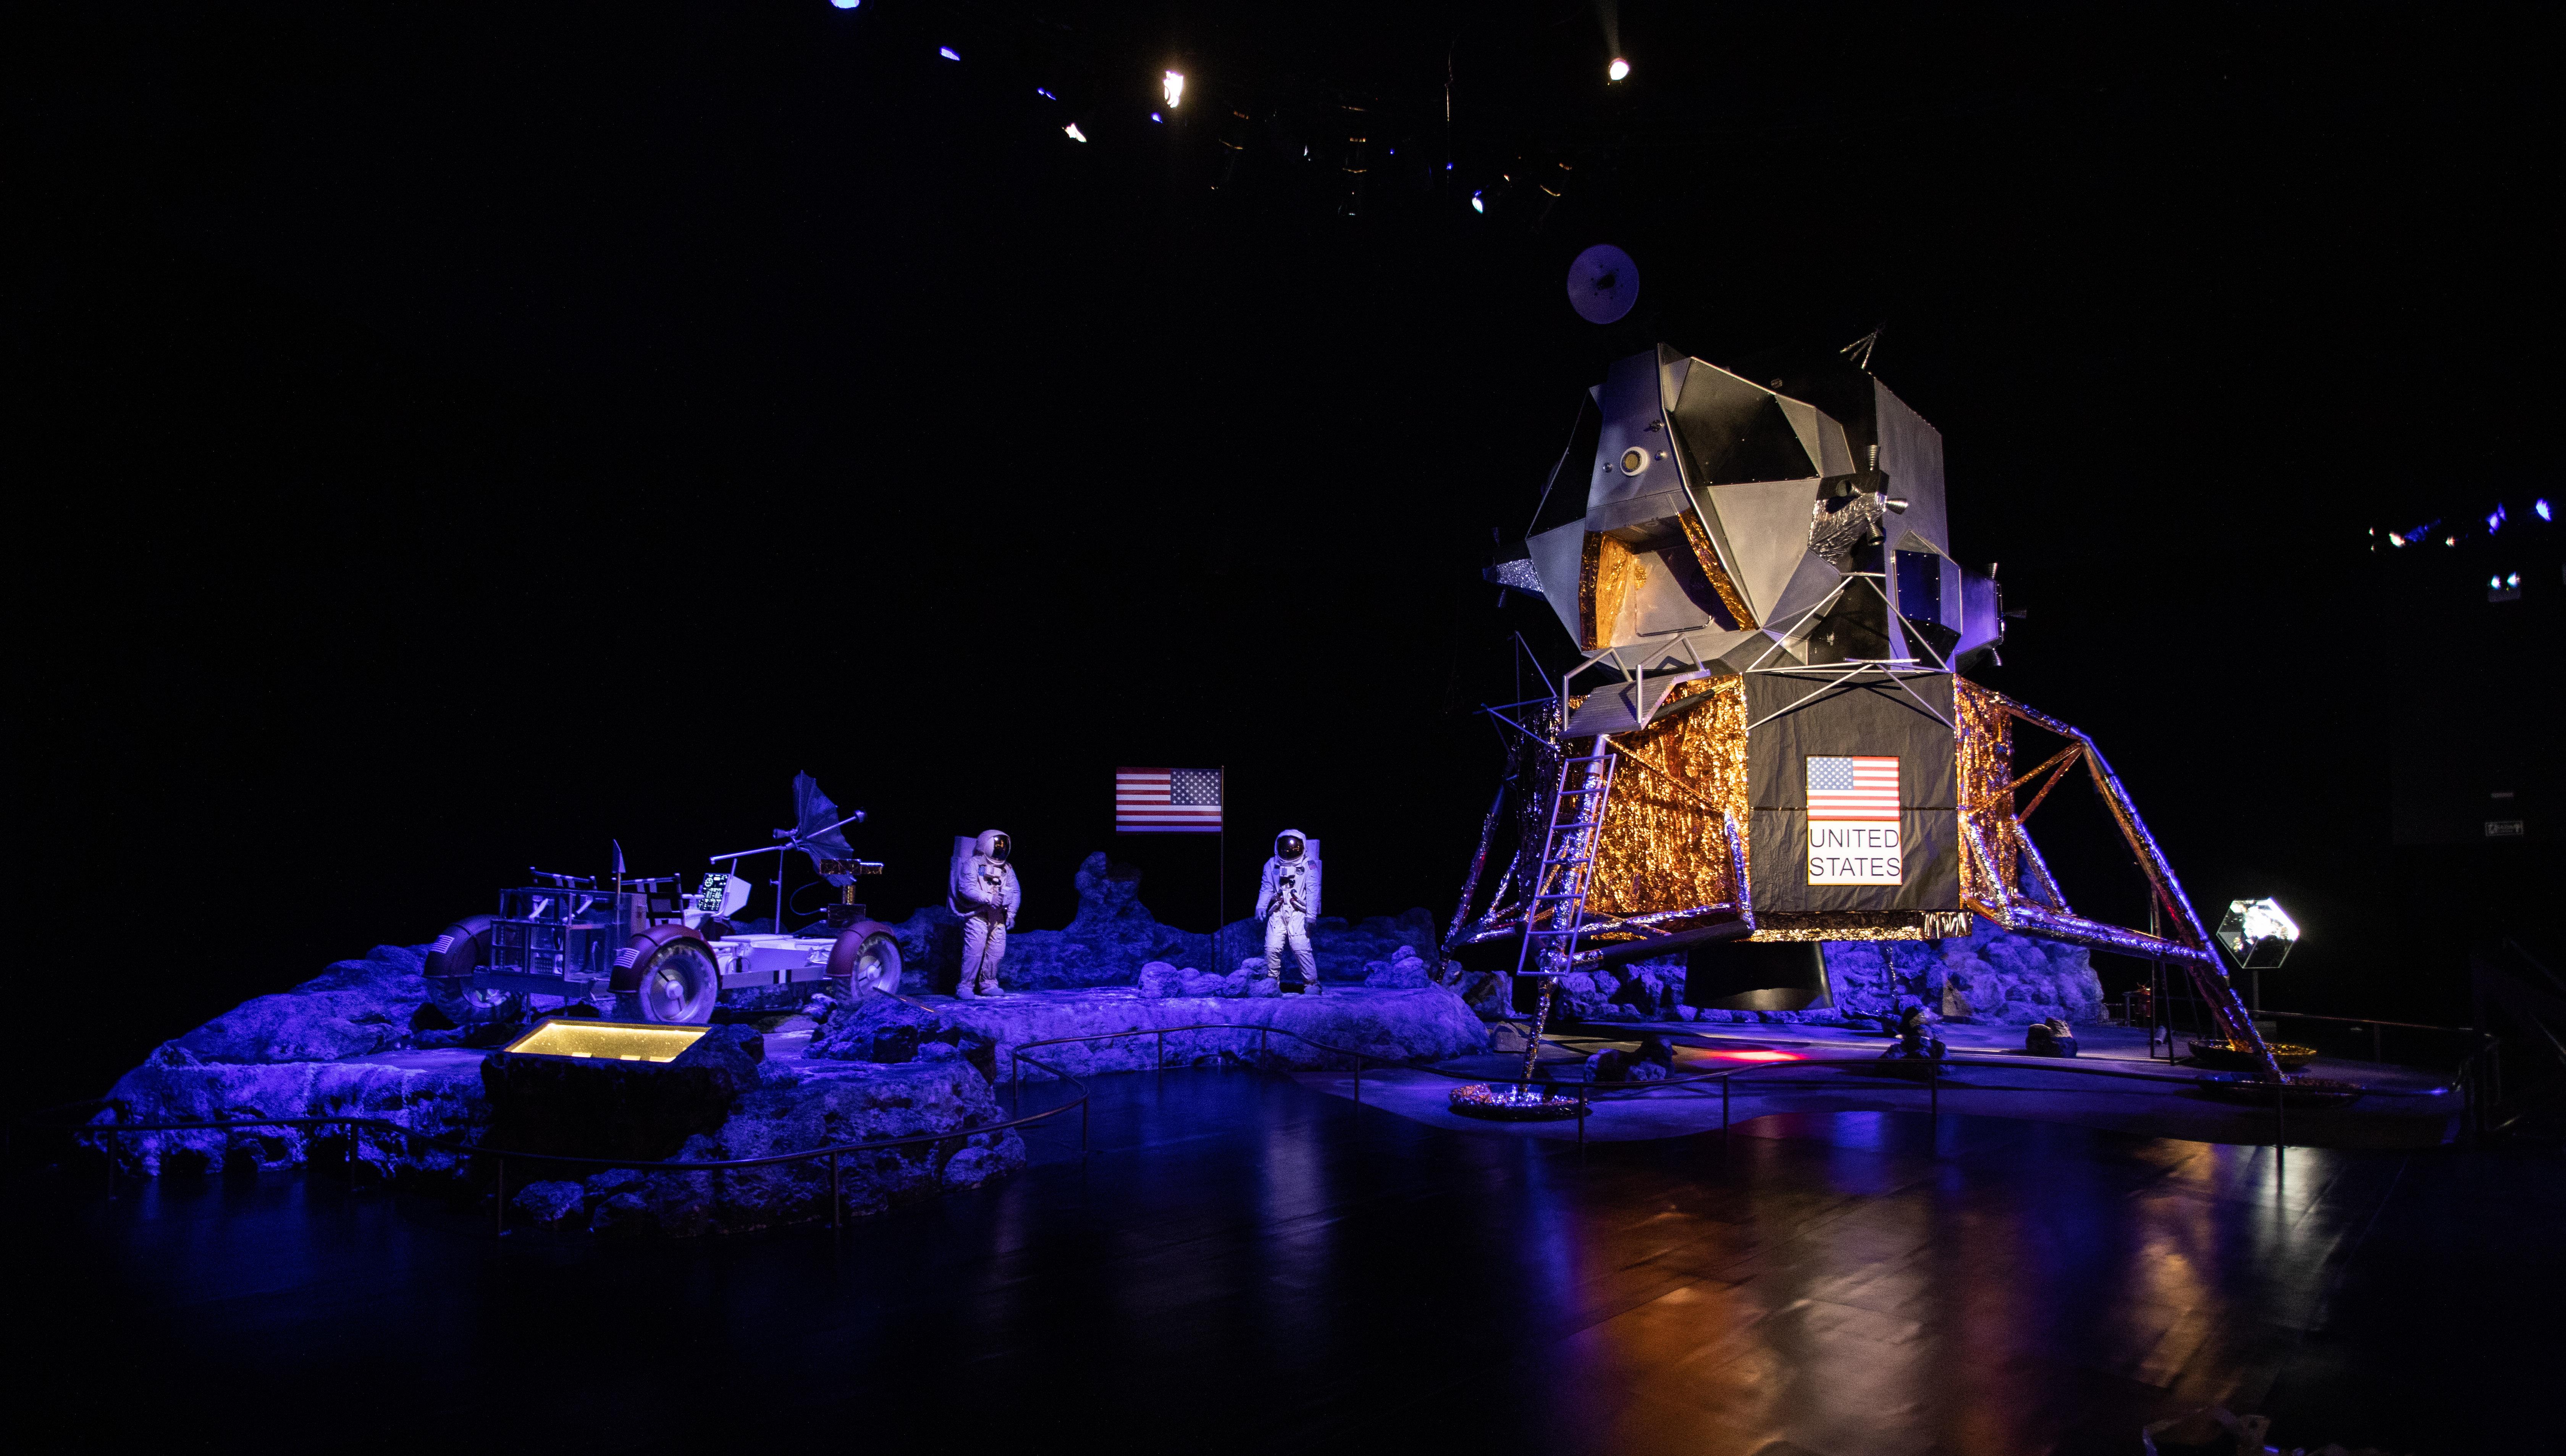 Cenário azulado exibe nave e astronauta.